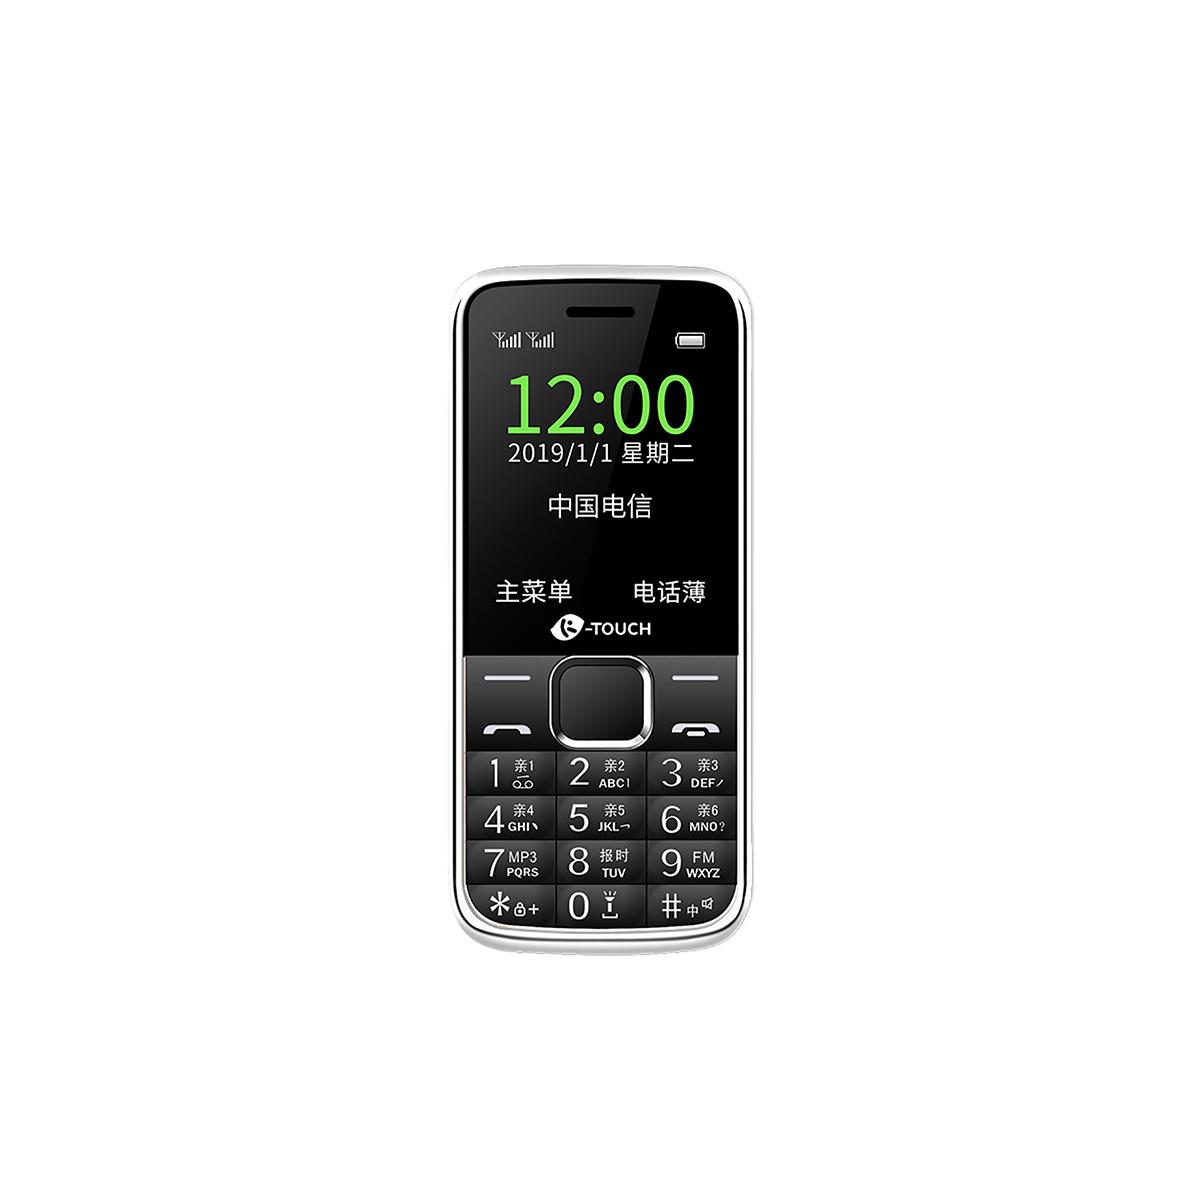 天语天语Q1老人机老年机按键直板机老人手机学生备用机移动联通电信Q1黑色